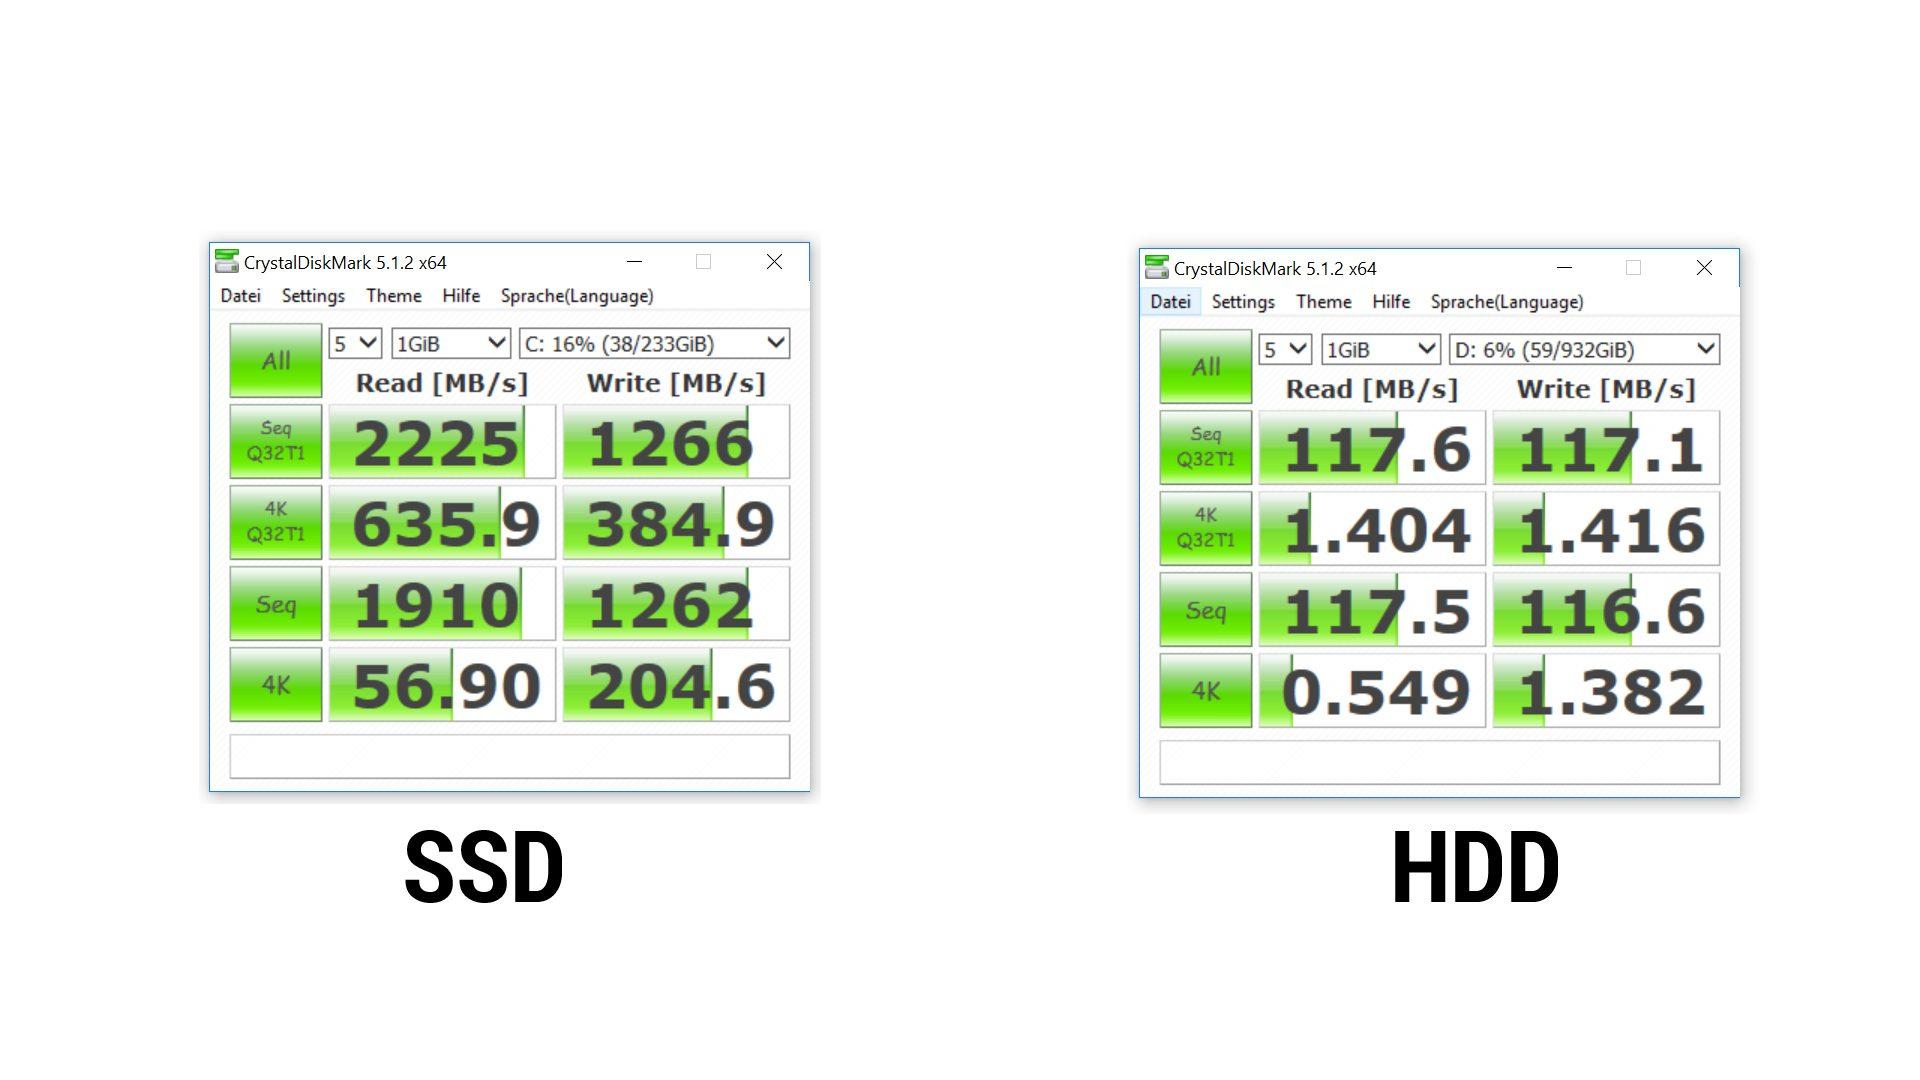 schenker-xmg-p507-drk-benchmark_6